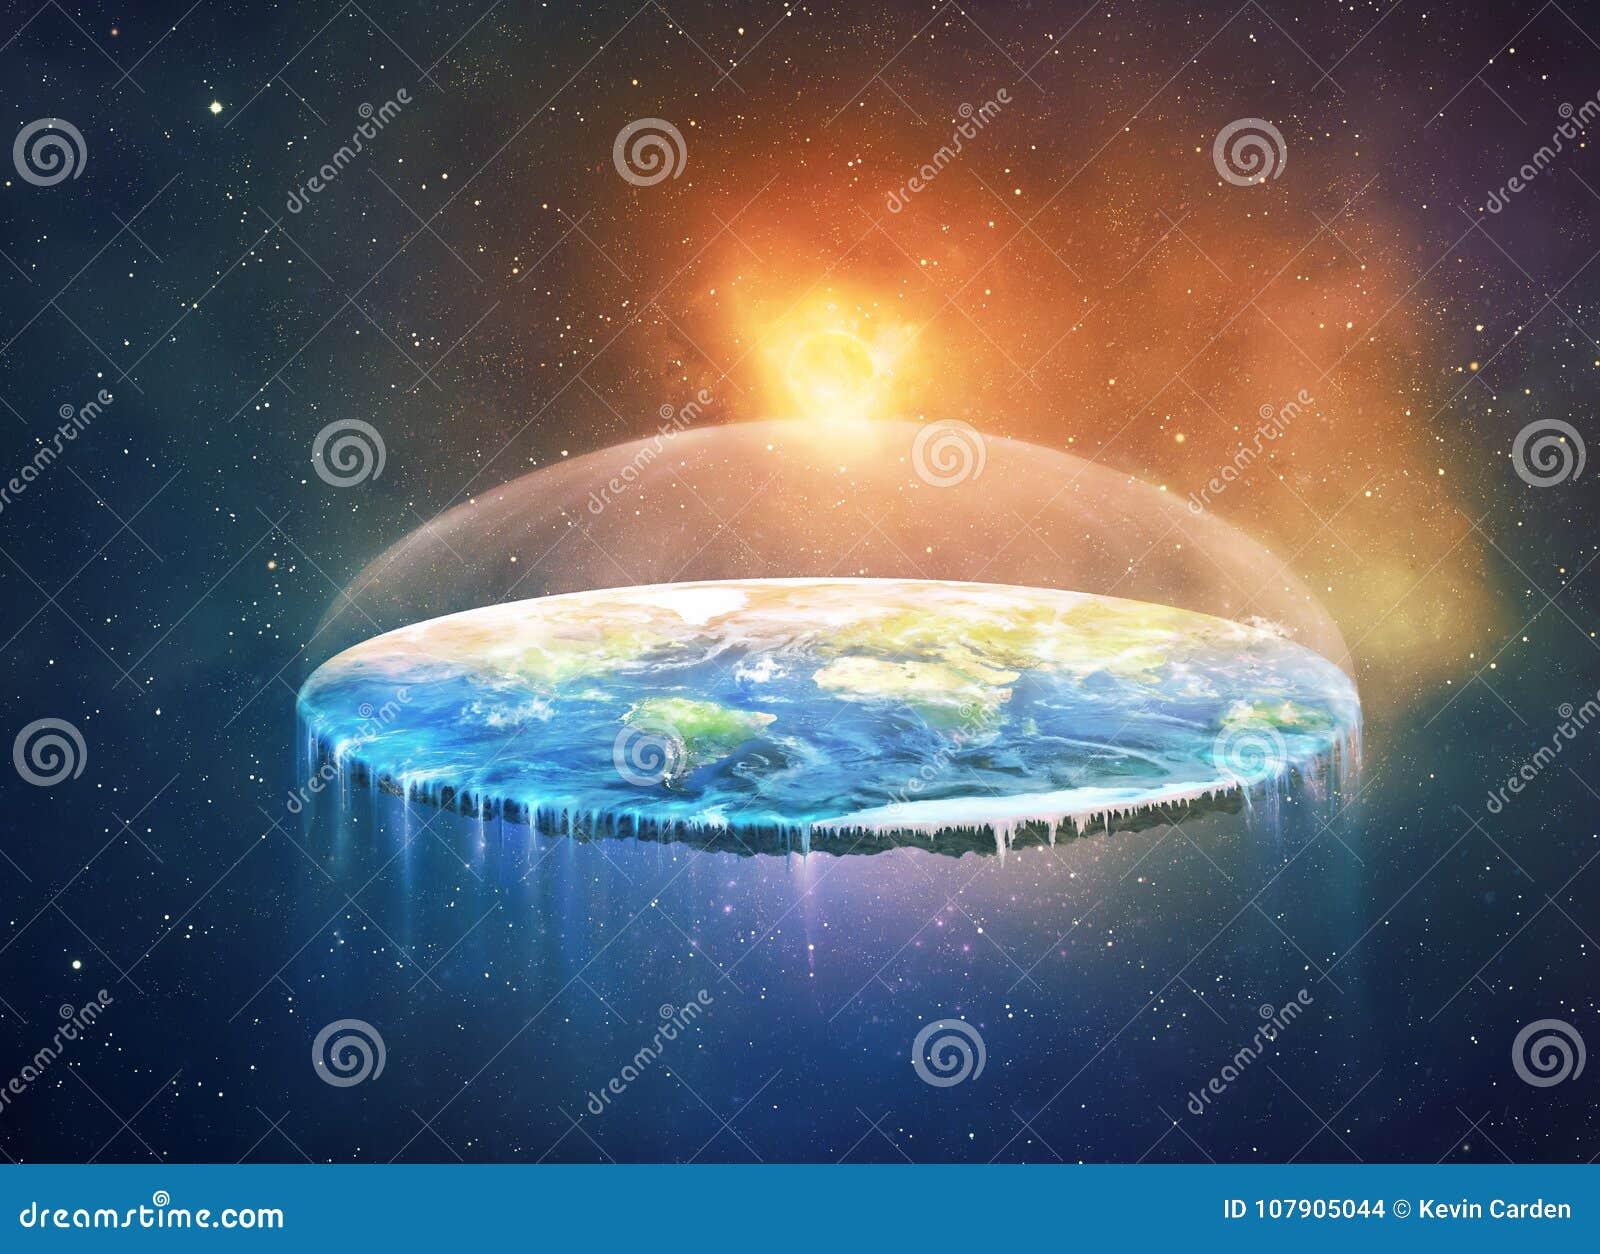 Vlakke aarde in ruimte